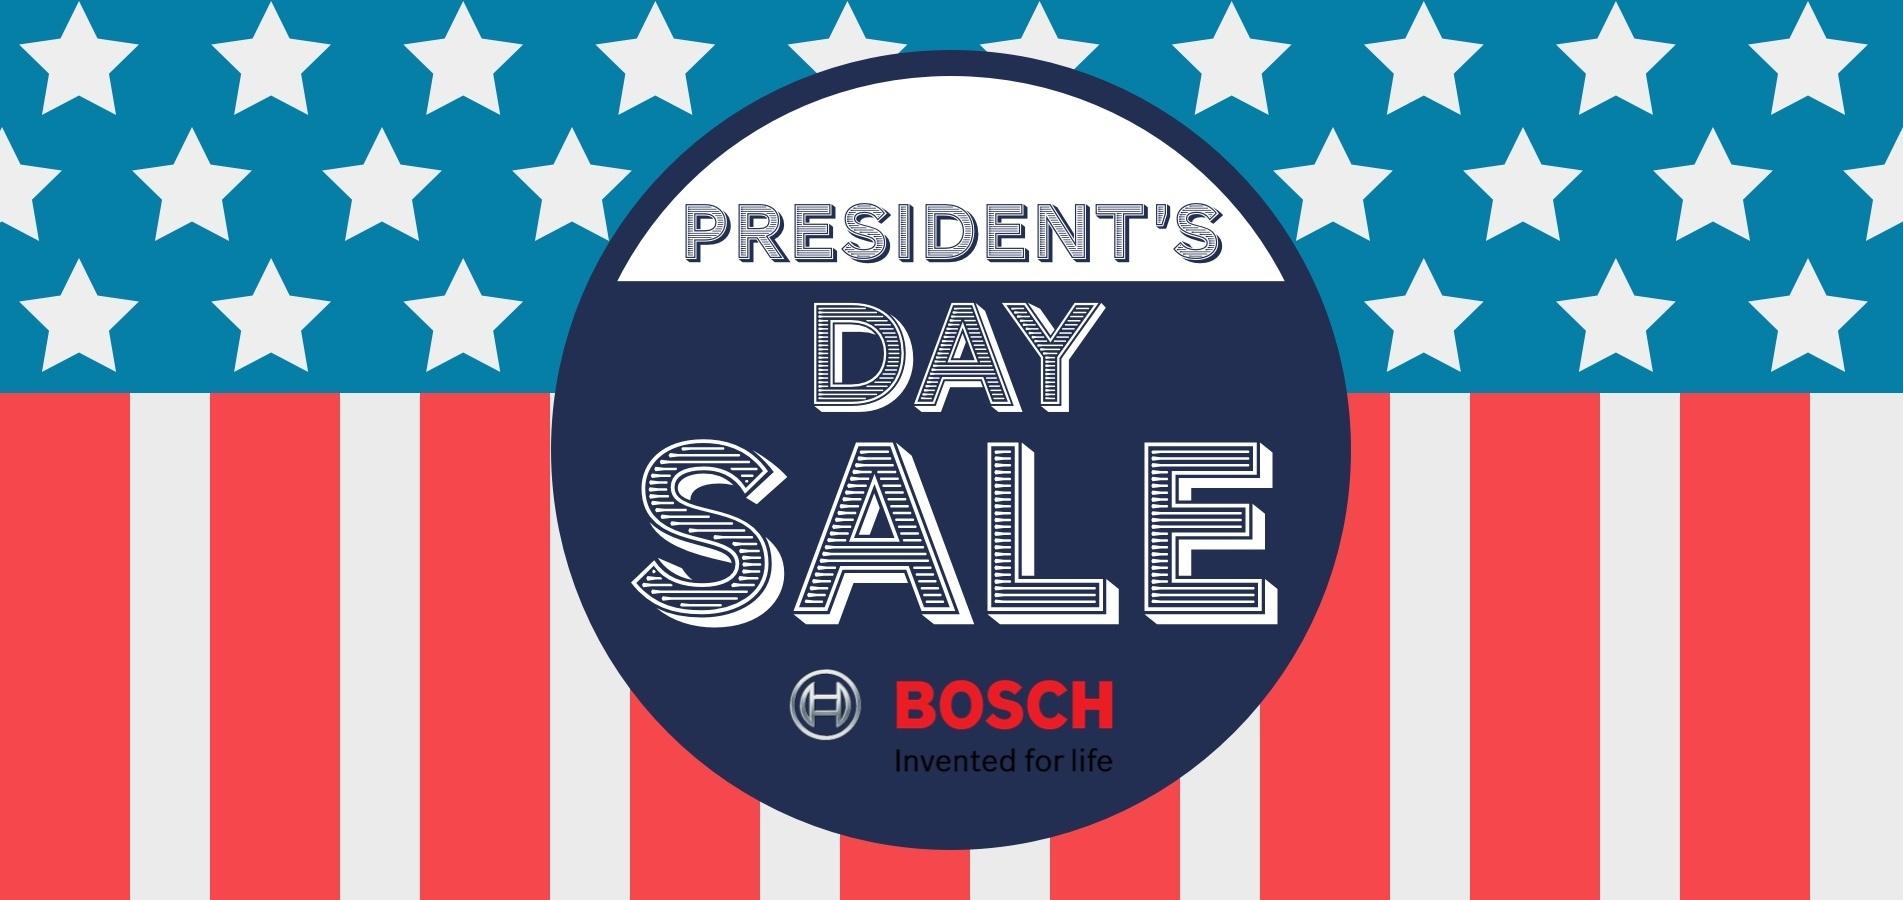 Bosch-Presidents-Day-2021